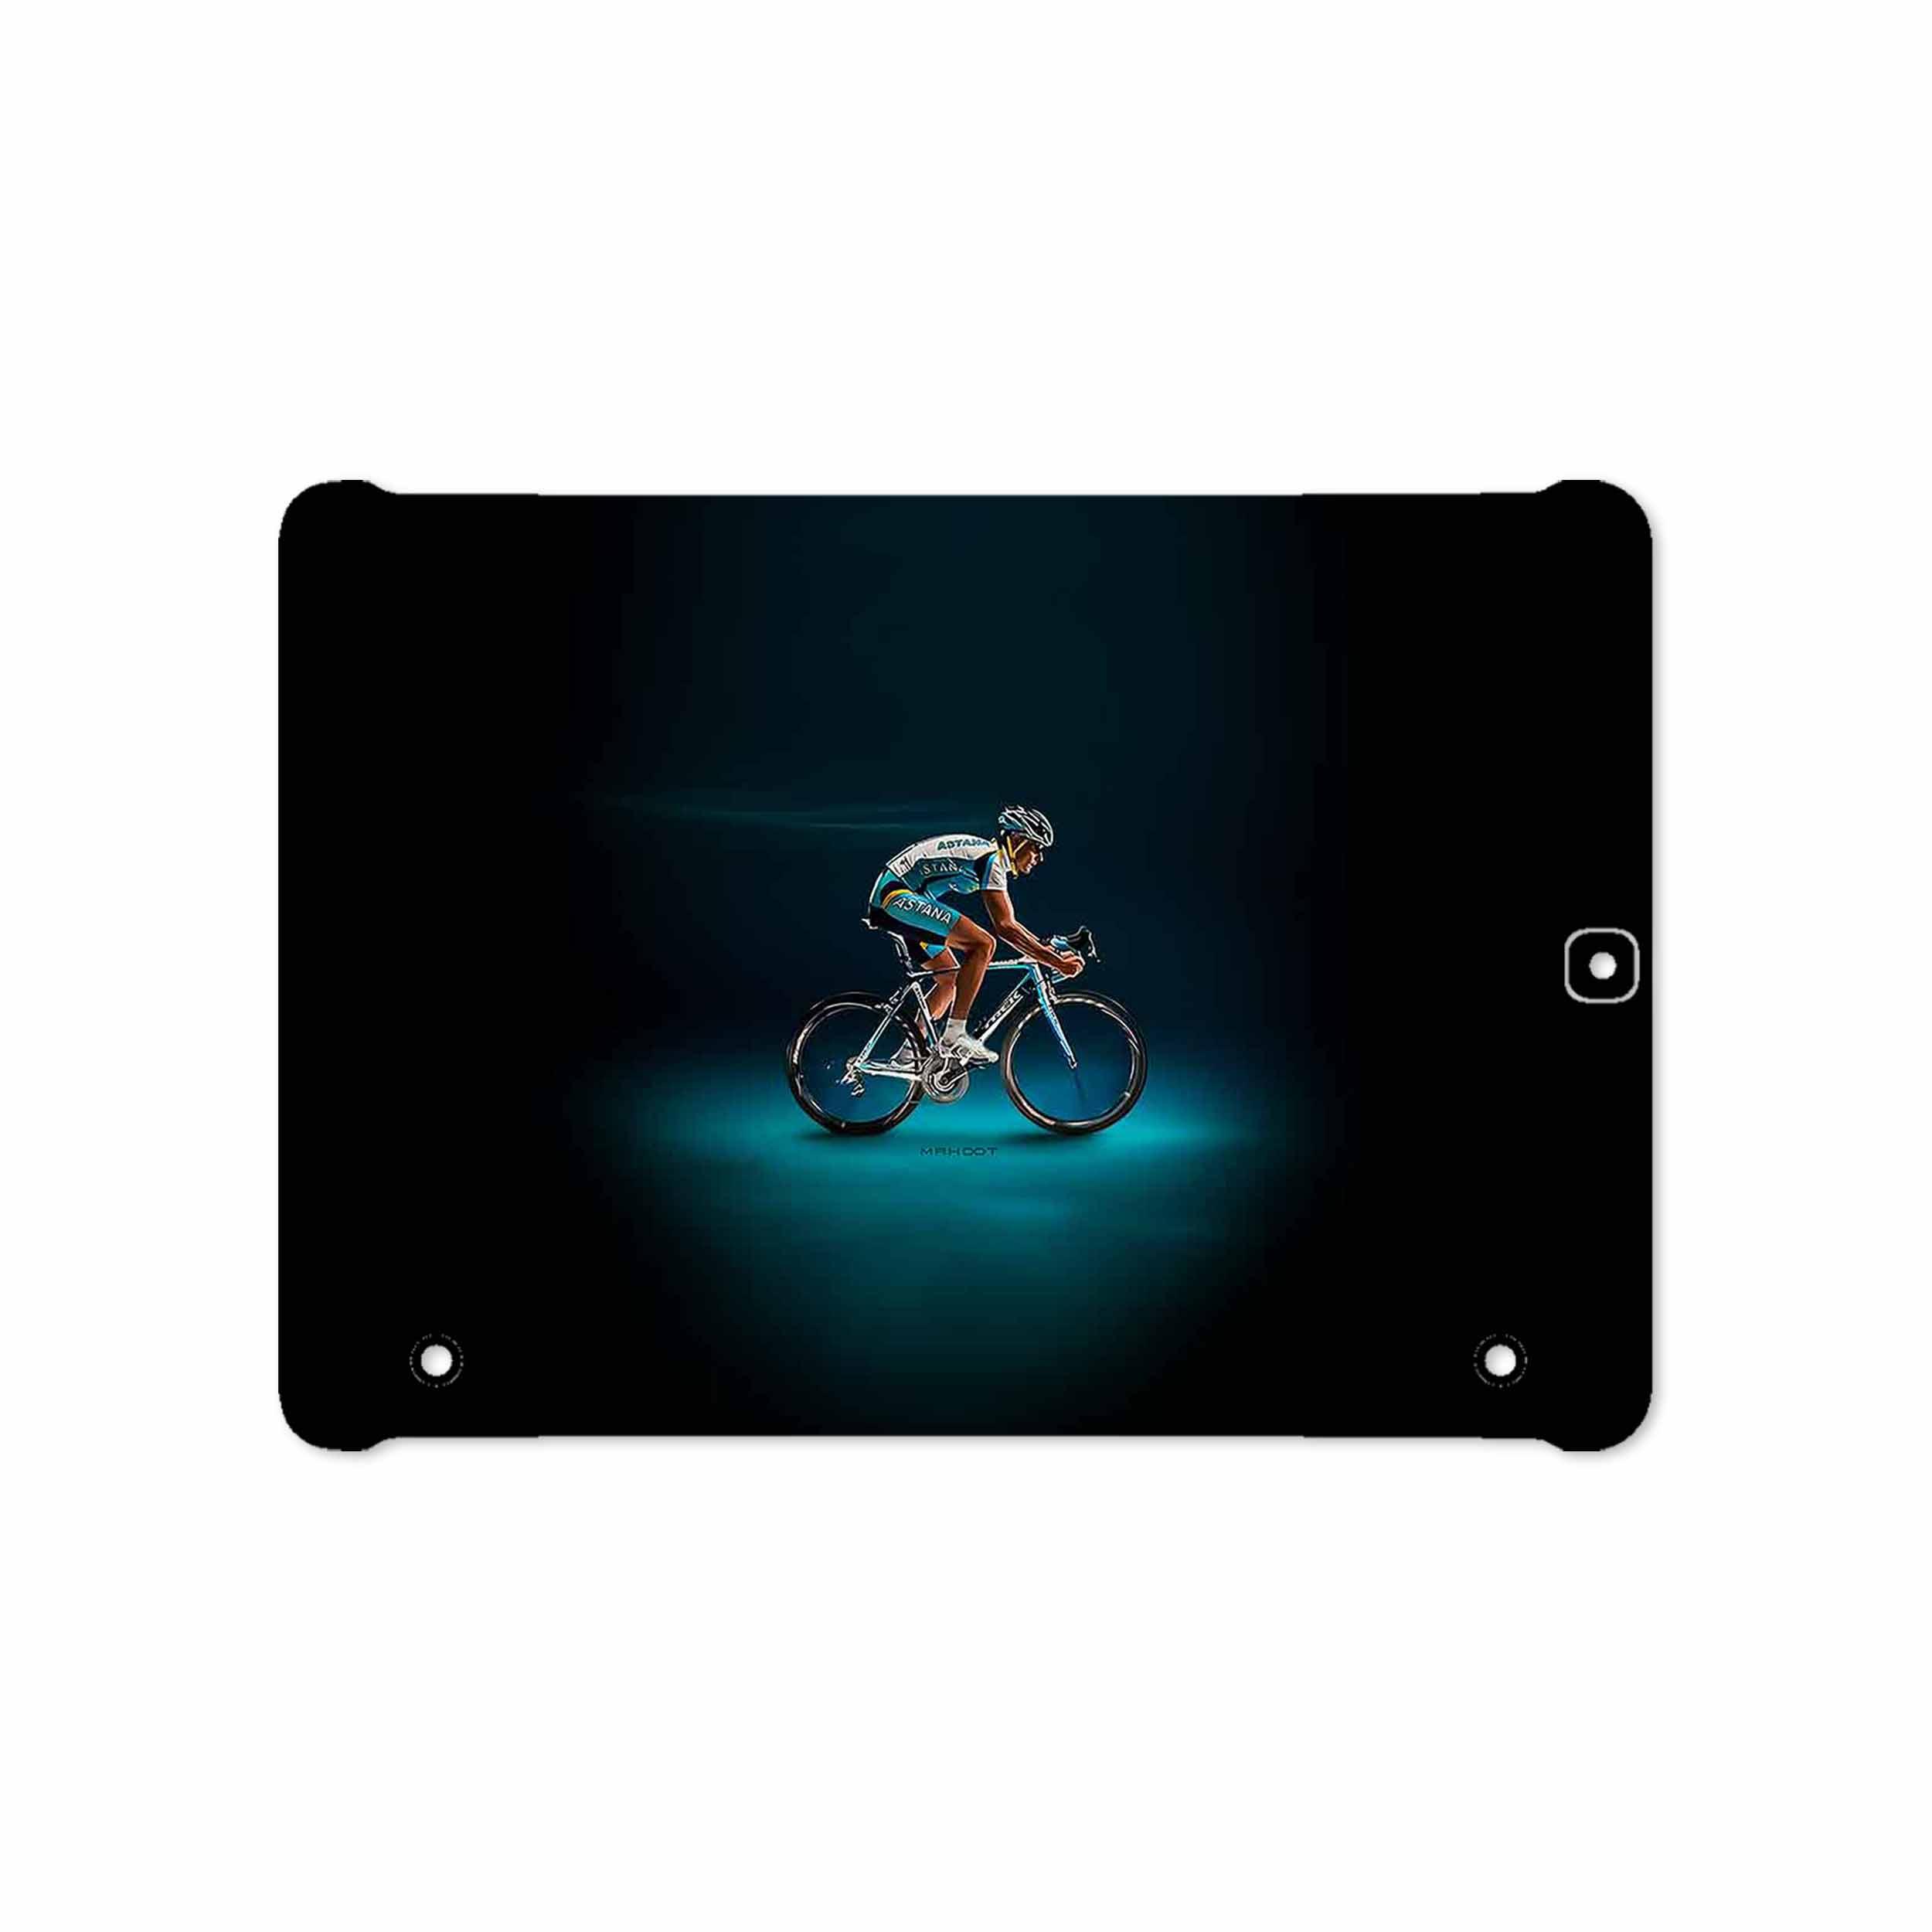 بررسی و خرید [با تخفیف]                                     برچسب پوششی ماهوت مدل Road cycling مناسب برای تبلت سامسونگ Galaxy Tab S2 9.7 2015 T810                             اورجینال